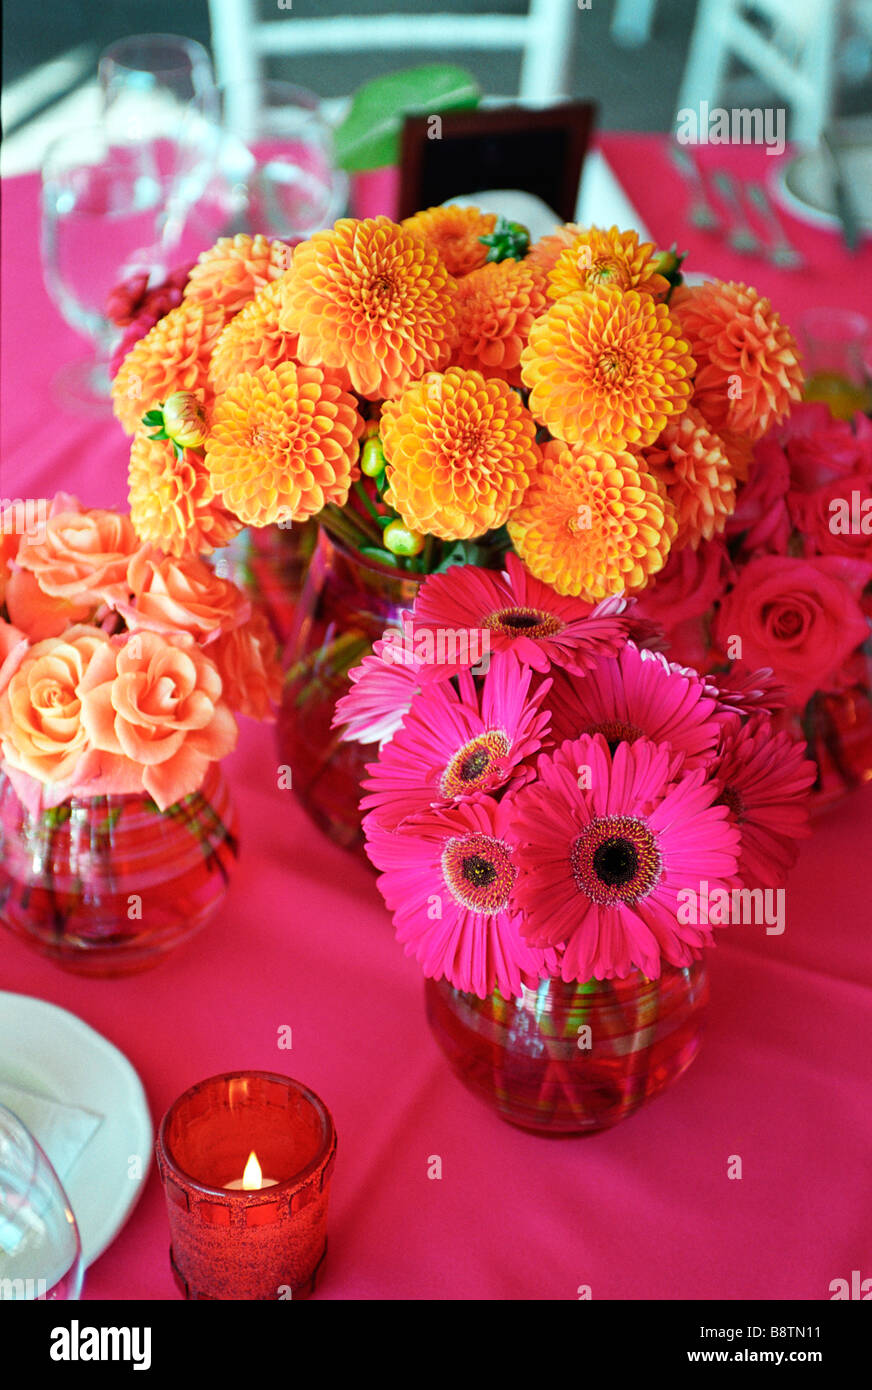 Hochzeitsblumen Bunte Blumen An Einem Hochzeitsbankett Stockfoto